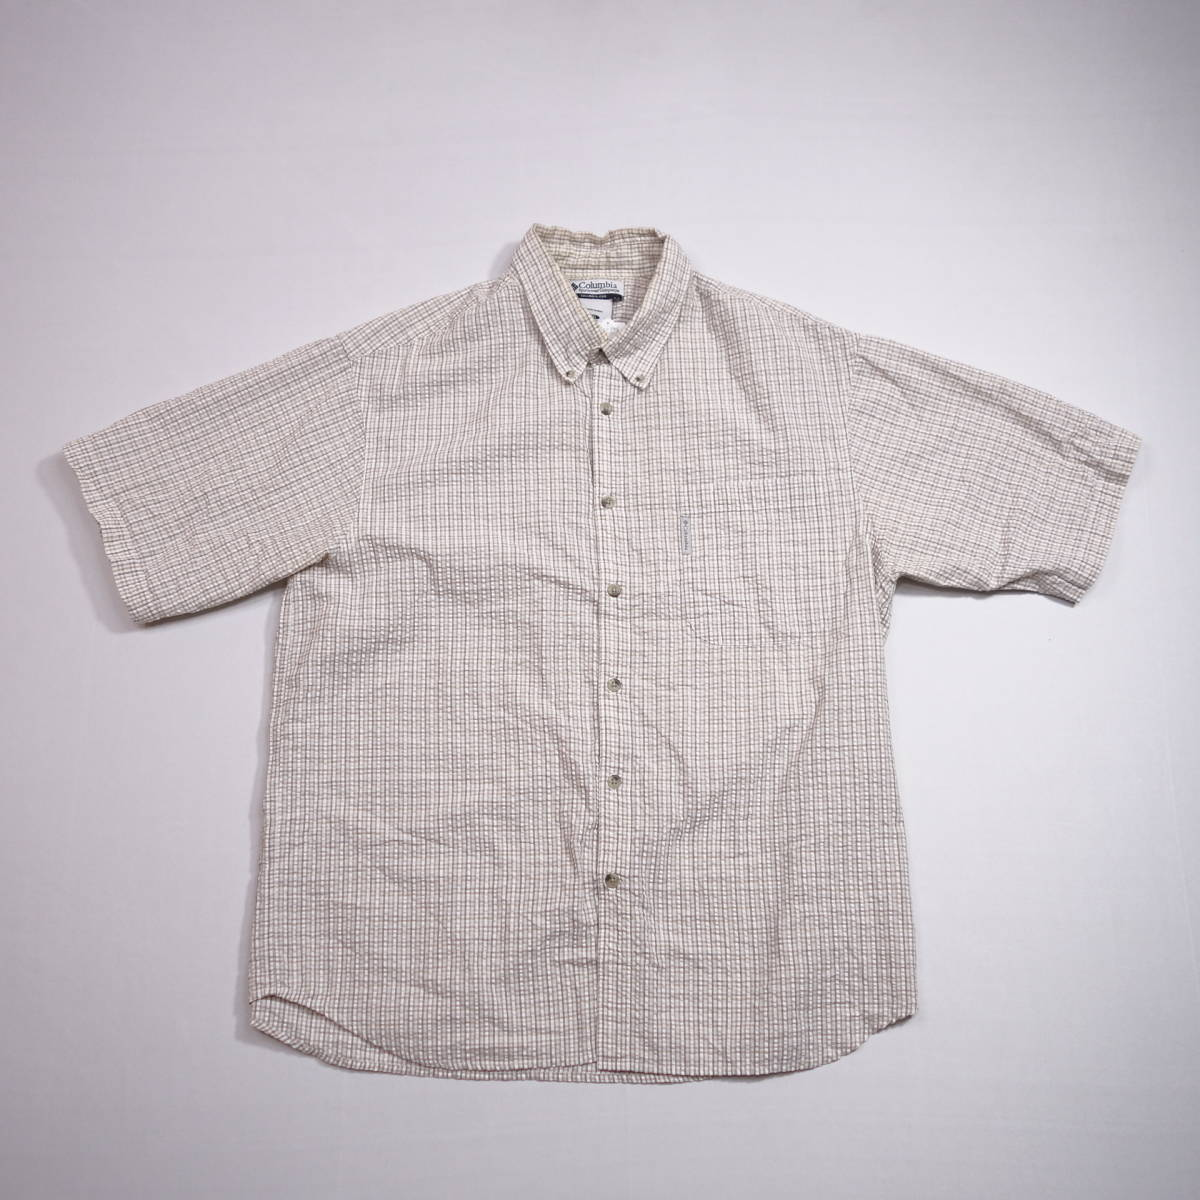 コロンビア Columbia チェックシャツ 半袖 メンズ XL 大きいサイズ ボタンダウン シワ加工 Yシャツ アメリカ USA直輸入 古着 MNO-3-6-0003_画像2